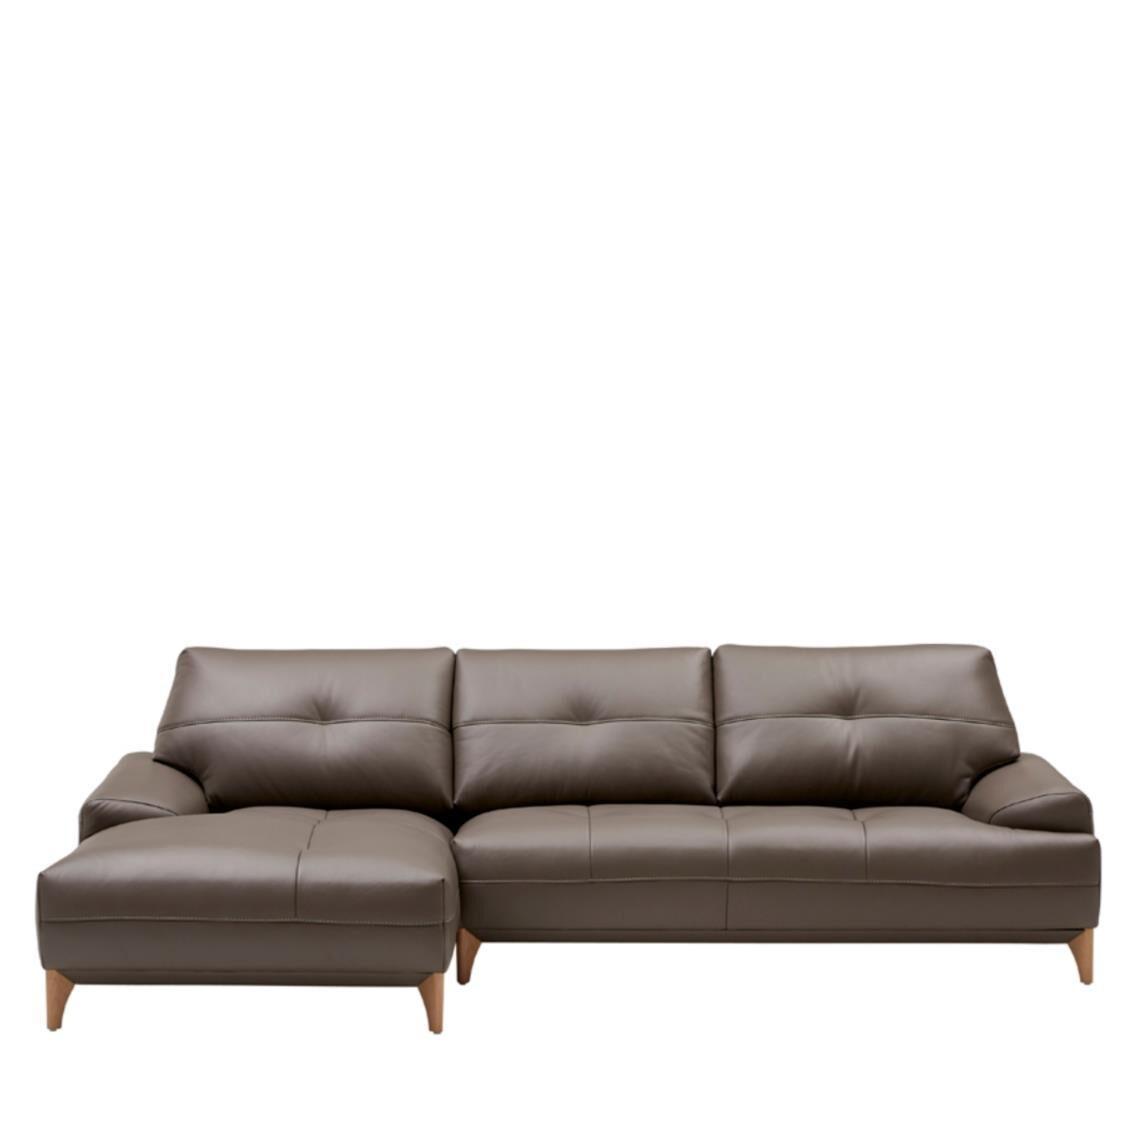 Iloom Boston Leather Couch L L392 Cocoa